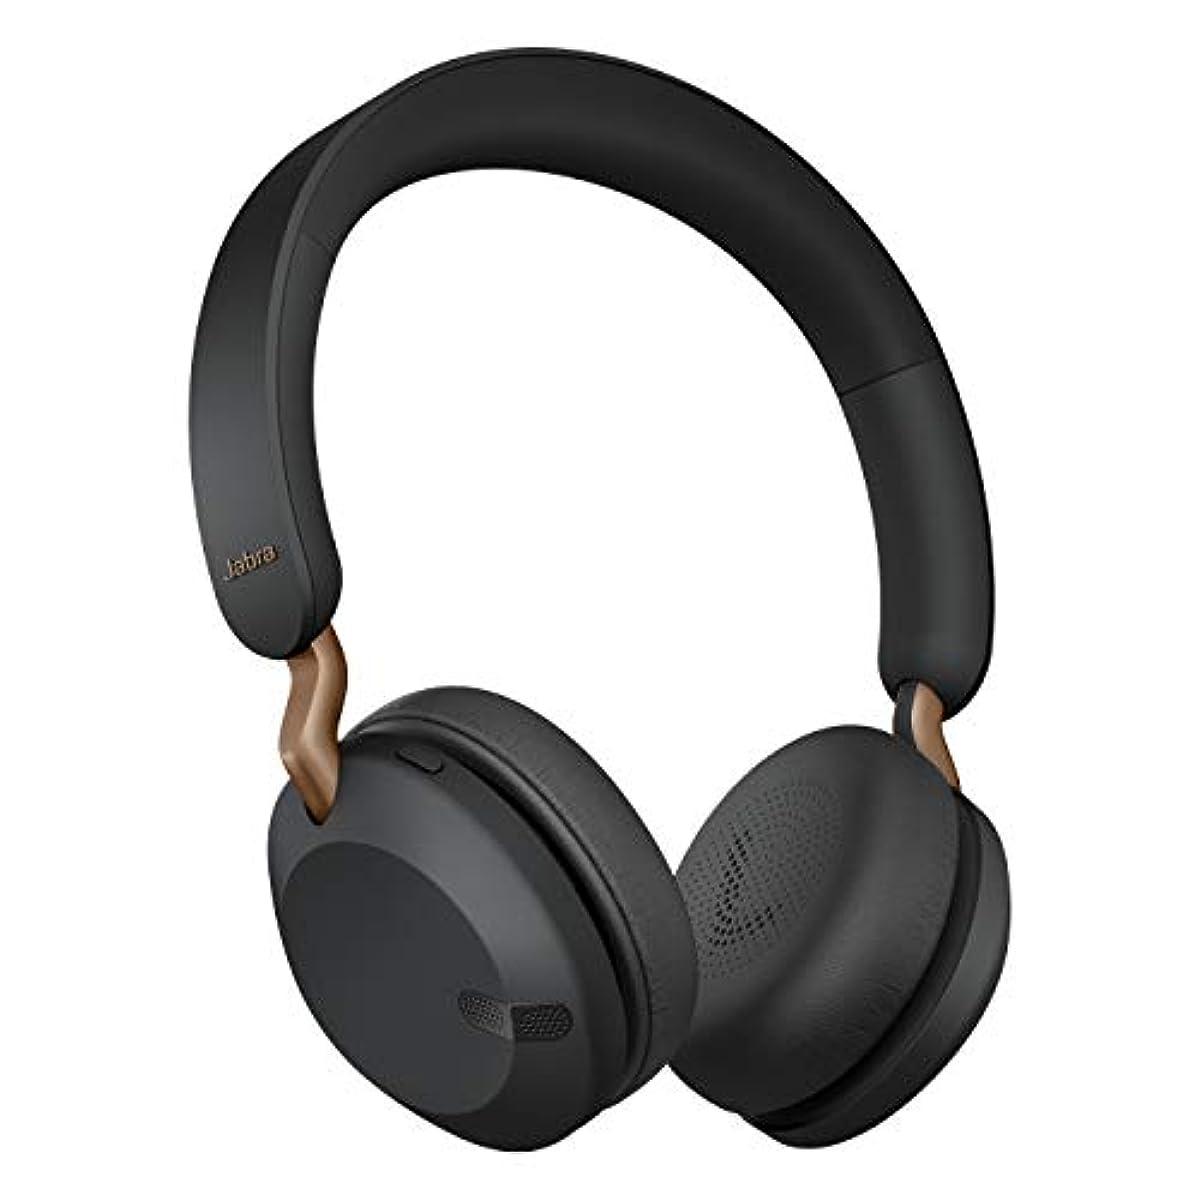 [해외] Jabra 무선 헤드폰 Elite 45h 코퍼블랙